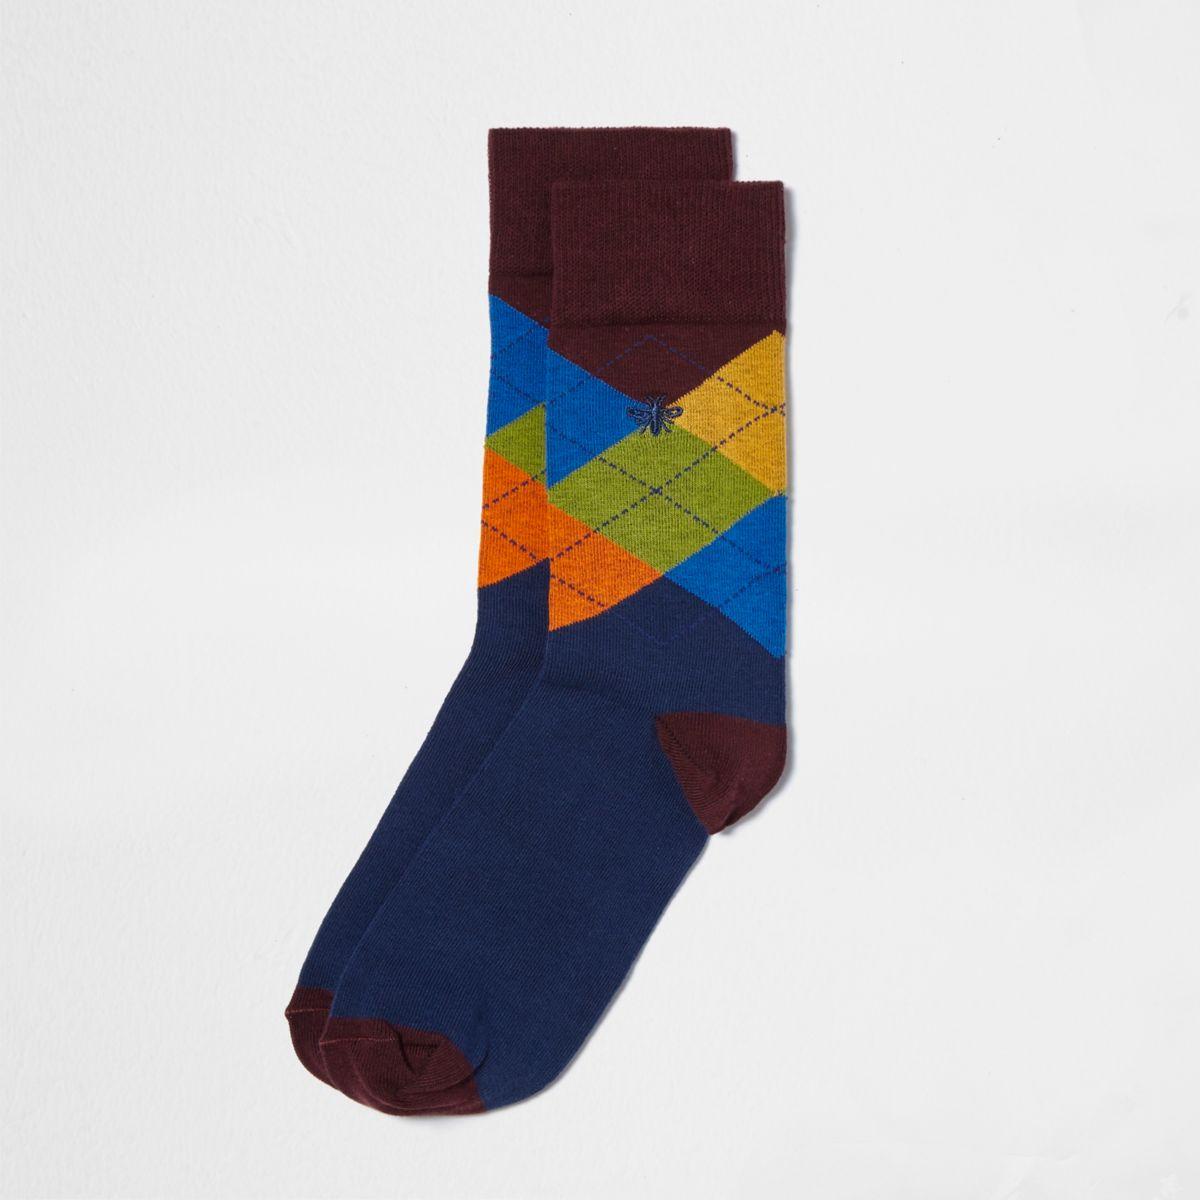 Verzierte Socken in Bordeaux mit Argyle-Muster, Set